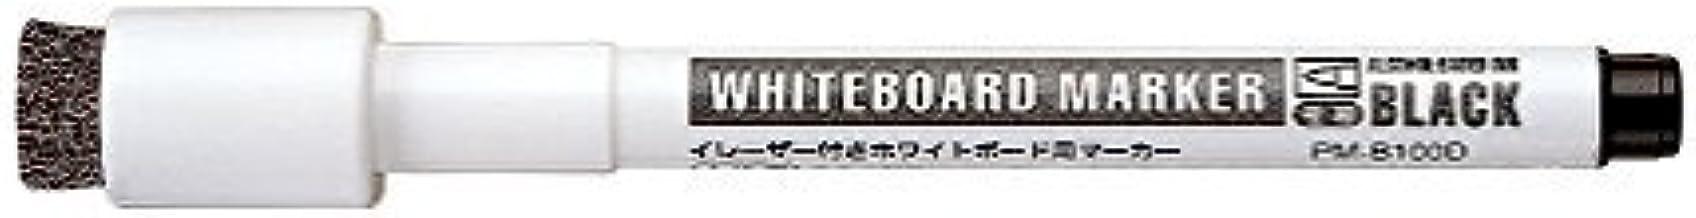 コクヨ ホワイトボード用マーカー イレーザーマグネット付き 極細 黒 PM-B100D 3個セット